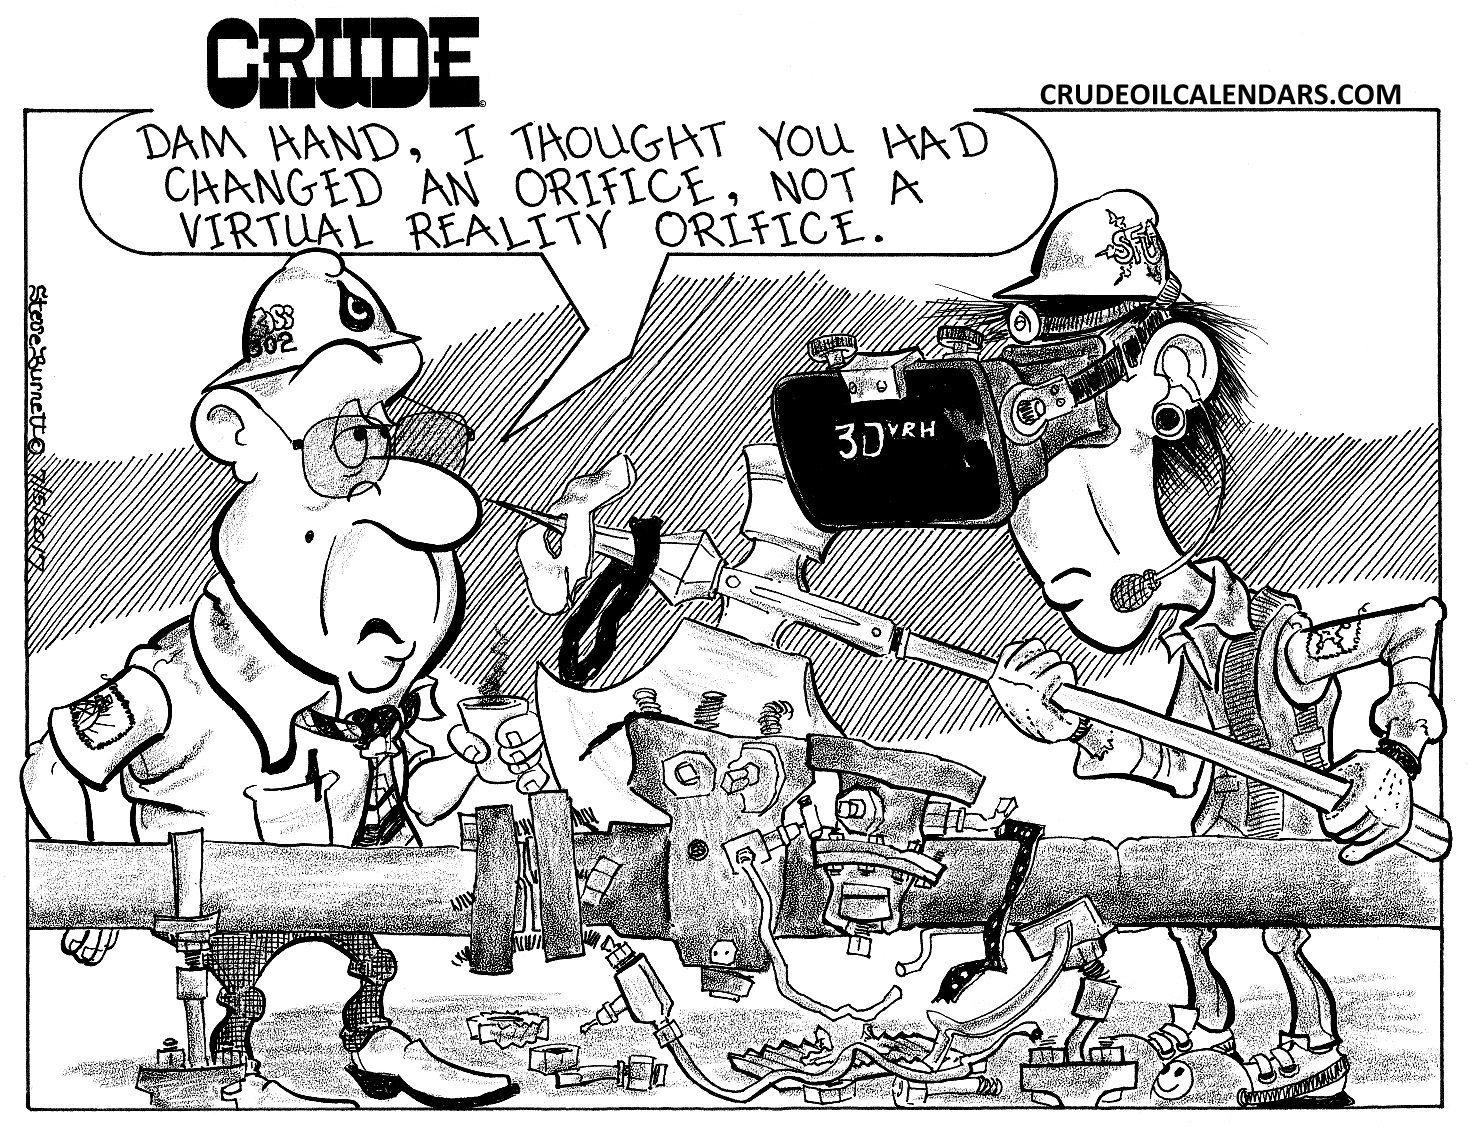 crude orifice